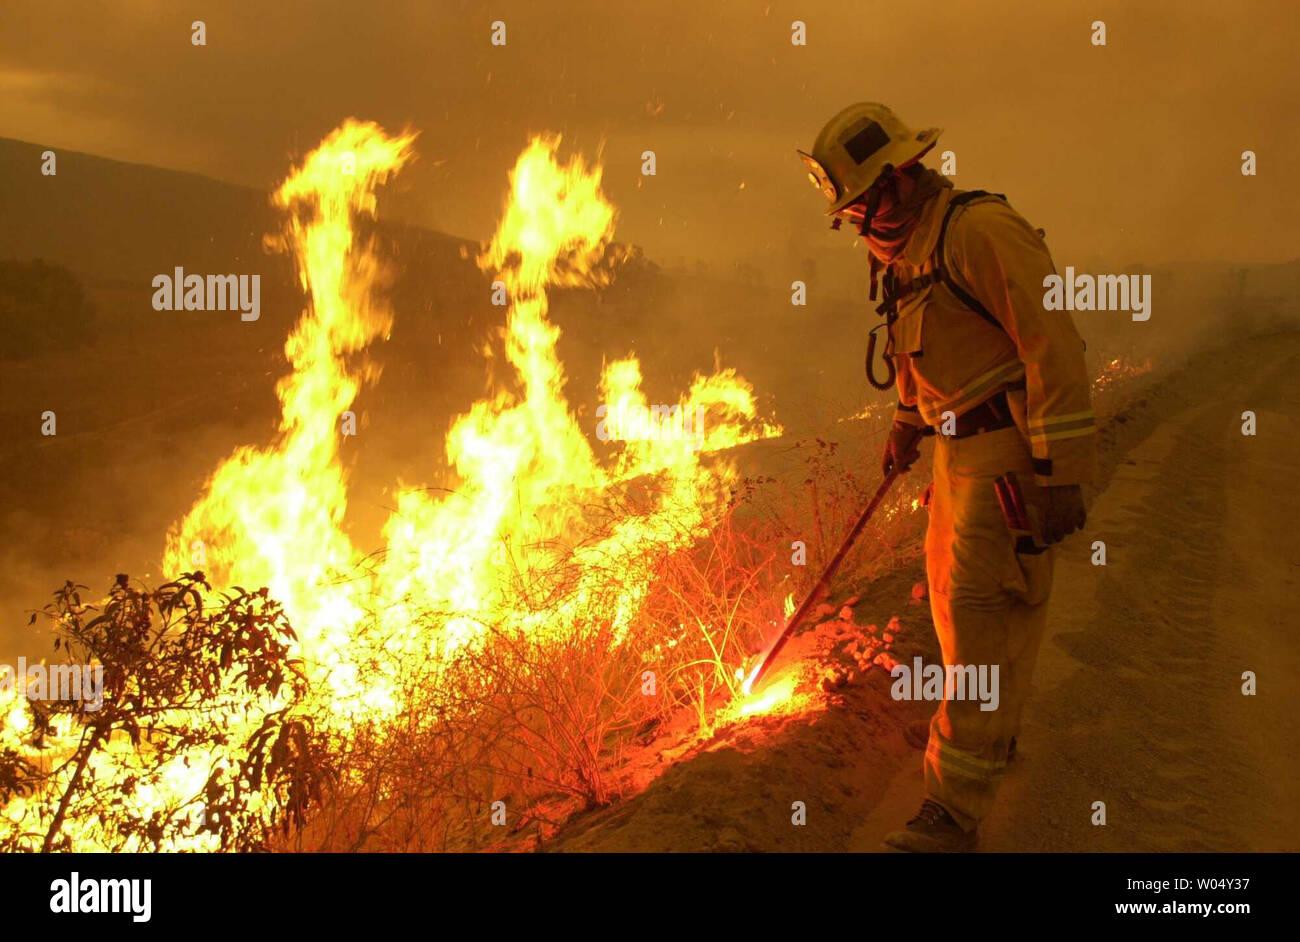 Chula Vista Fire Department Firefighter Dustin Dauber sets